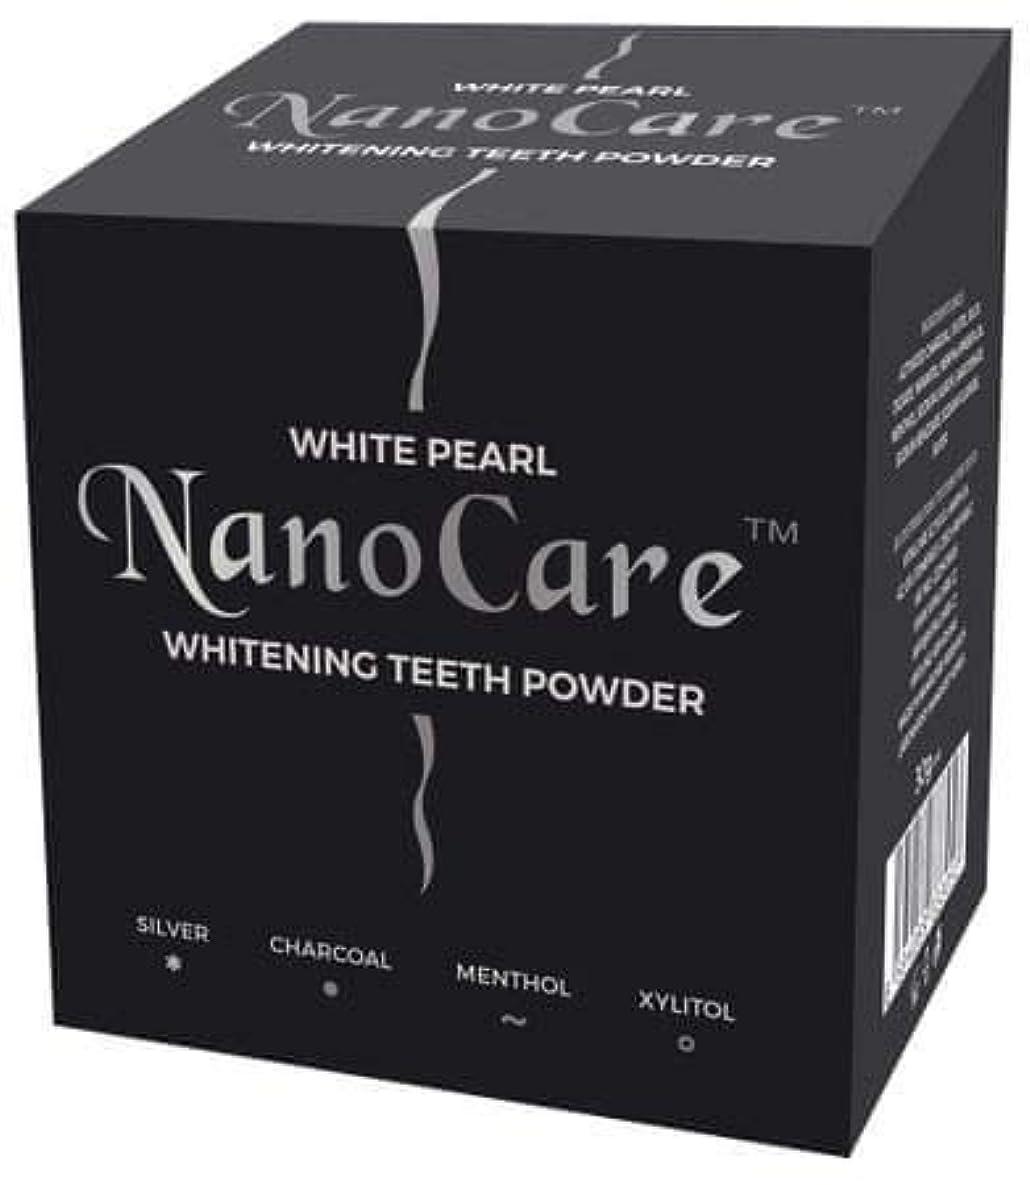 番目ミキサー北Nano Care Whitening Powder with Active Charcoal and Silver nanoparticles 30g Made in Korea / 活性炭と銀ナノ粒子30gのナノケアホワイトニングパウダー韓国製